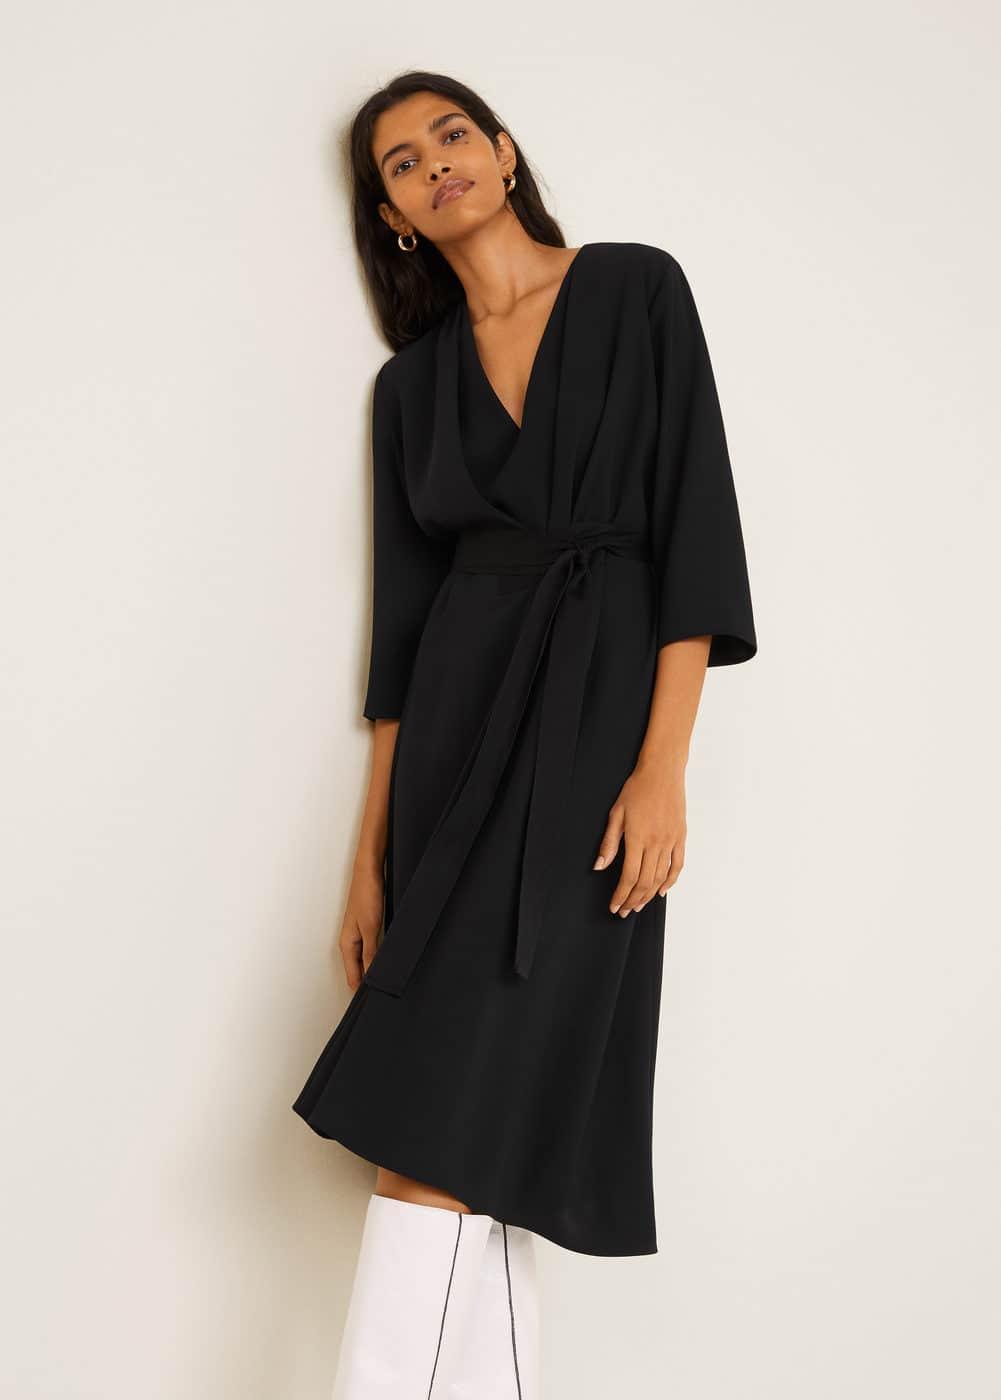 Bow pleats dress - Women  c66d20015